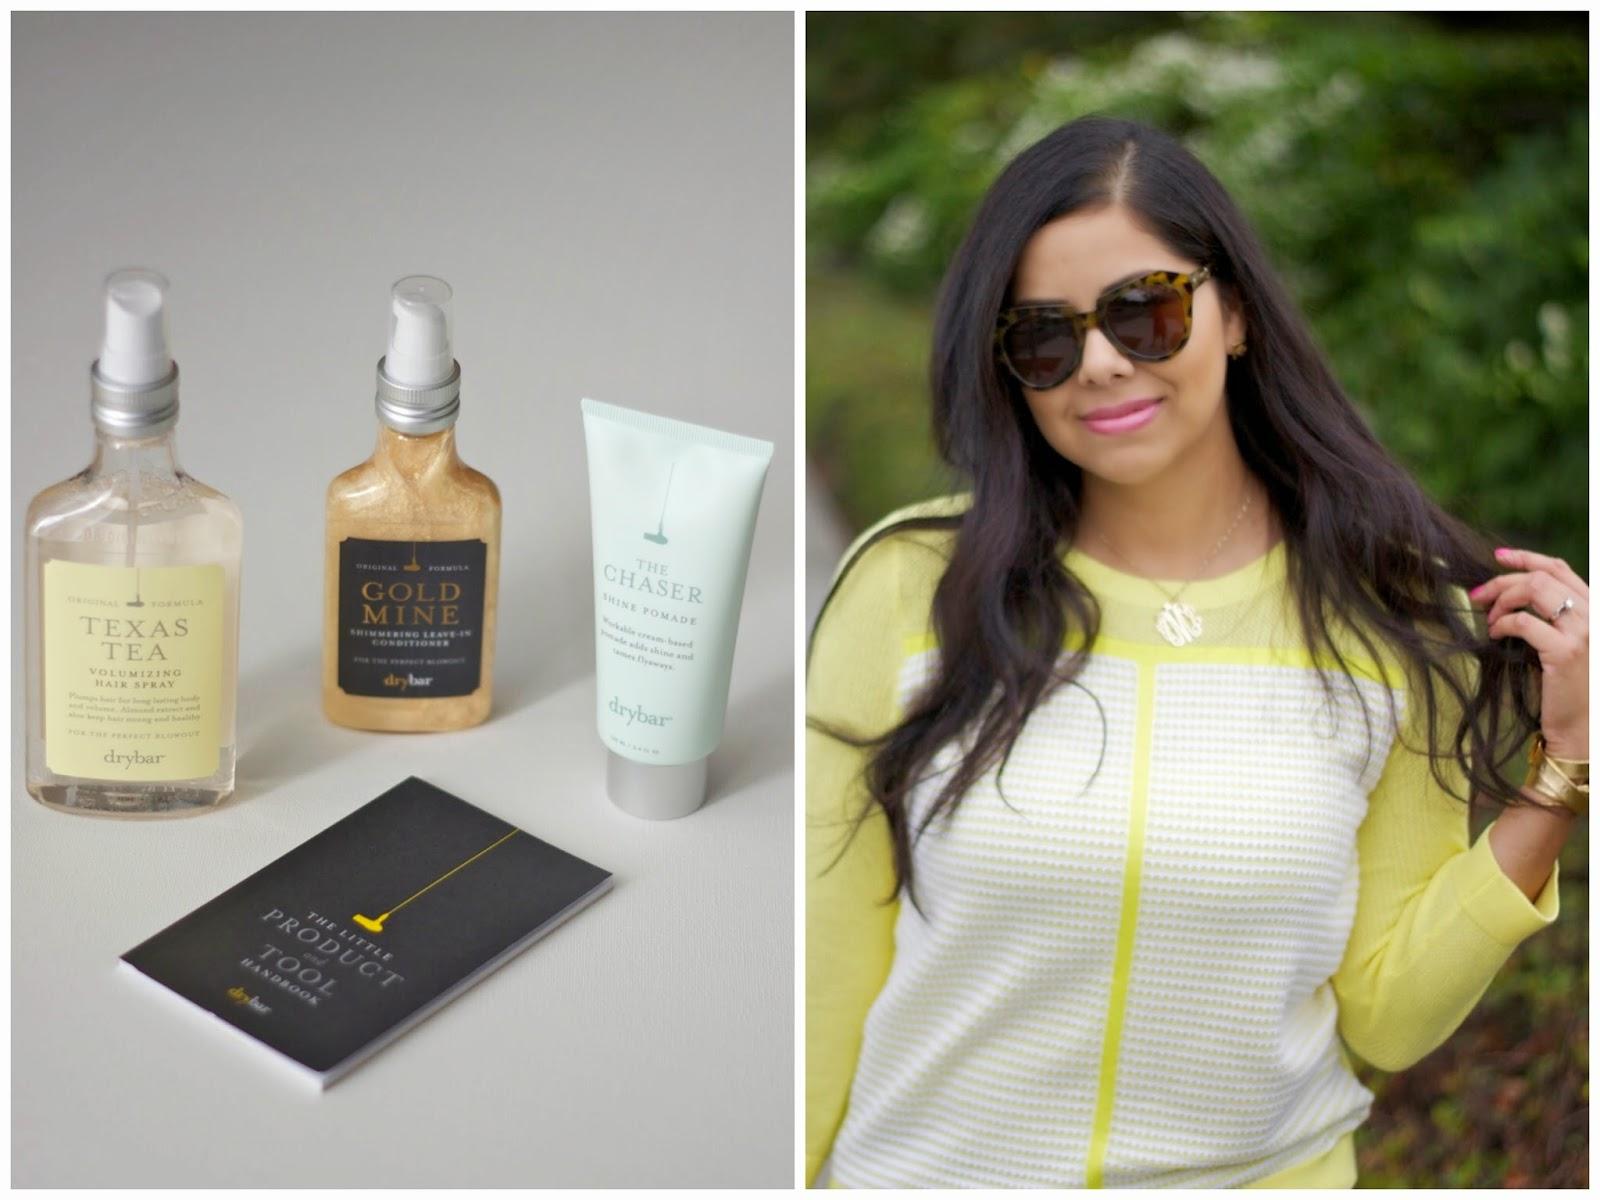 Drybar San Diego, Drybar products, Drybar hair style, san diego blogger, san diego fashion blogger